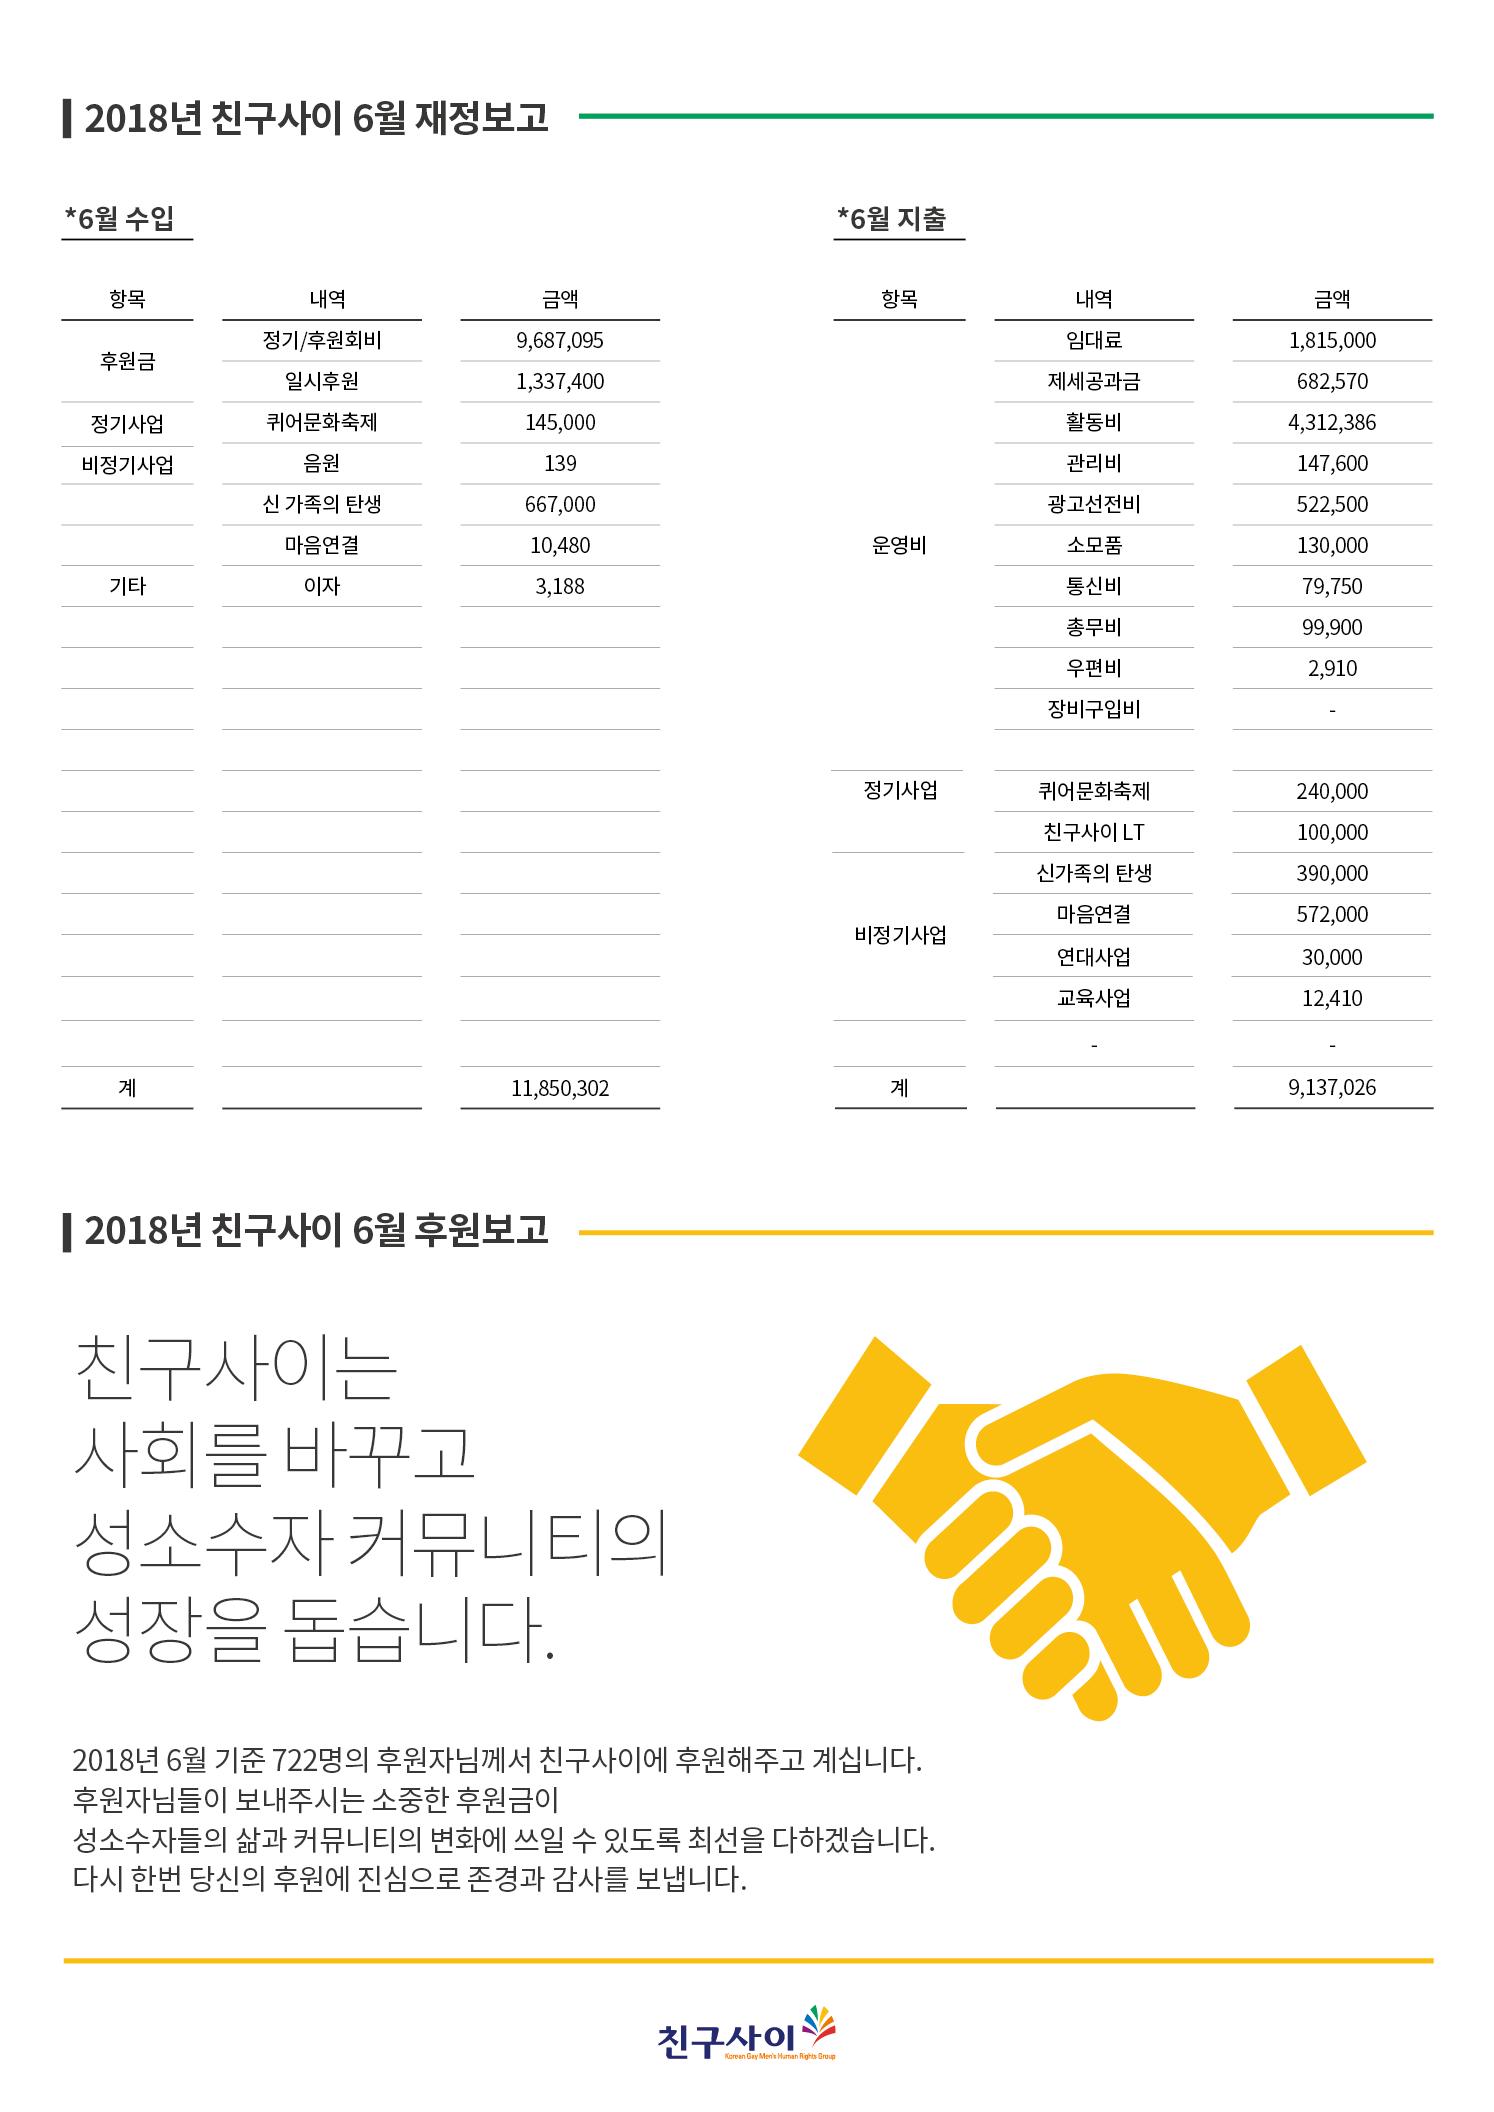 2018 소식지 6월 회계보고.png